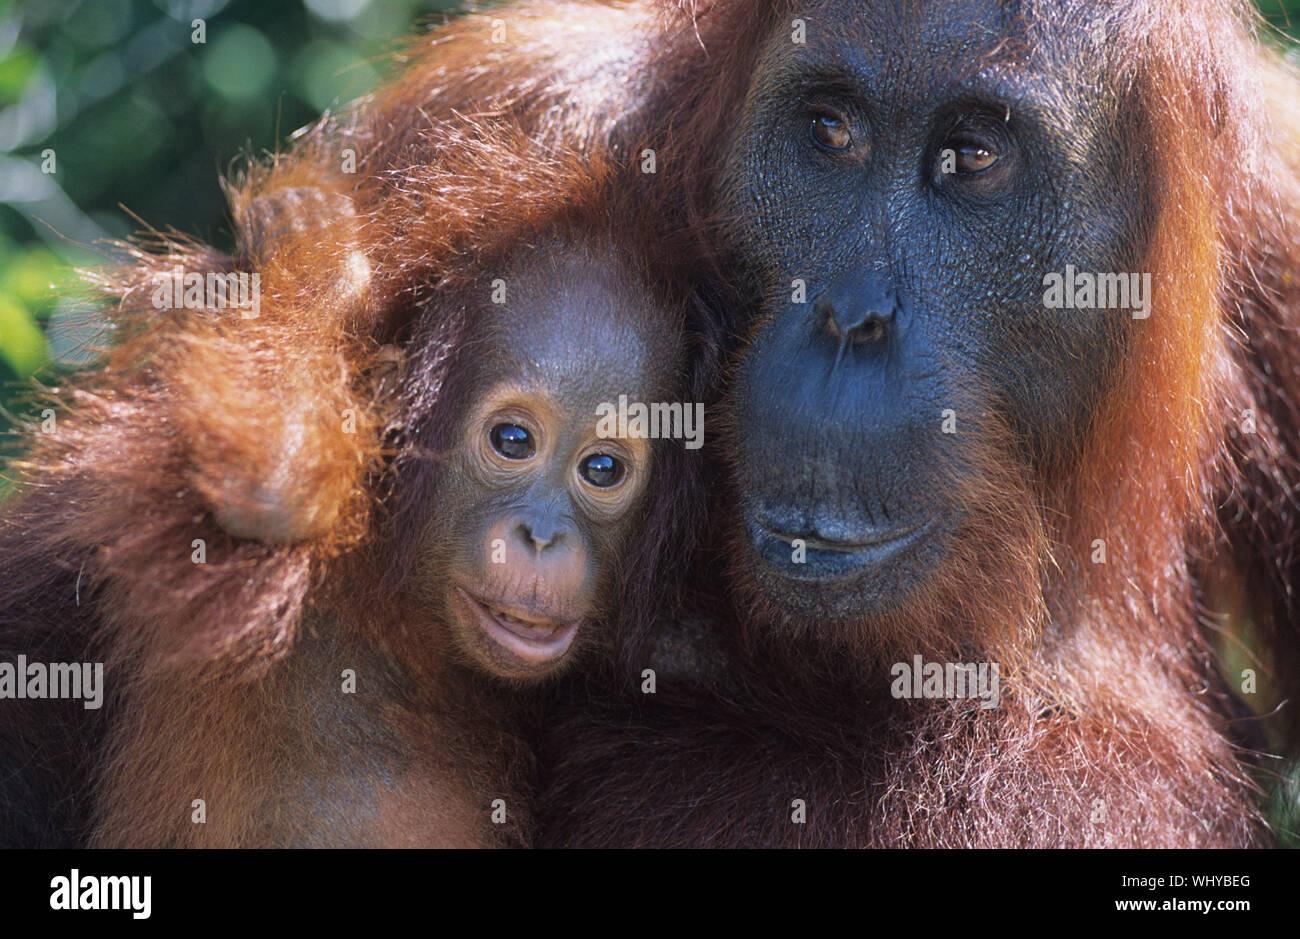 Orangután abrazando a jóvenes de cerca Foto de stock